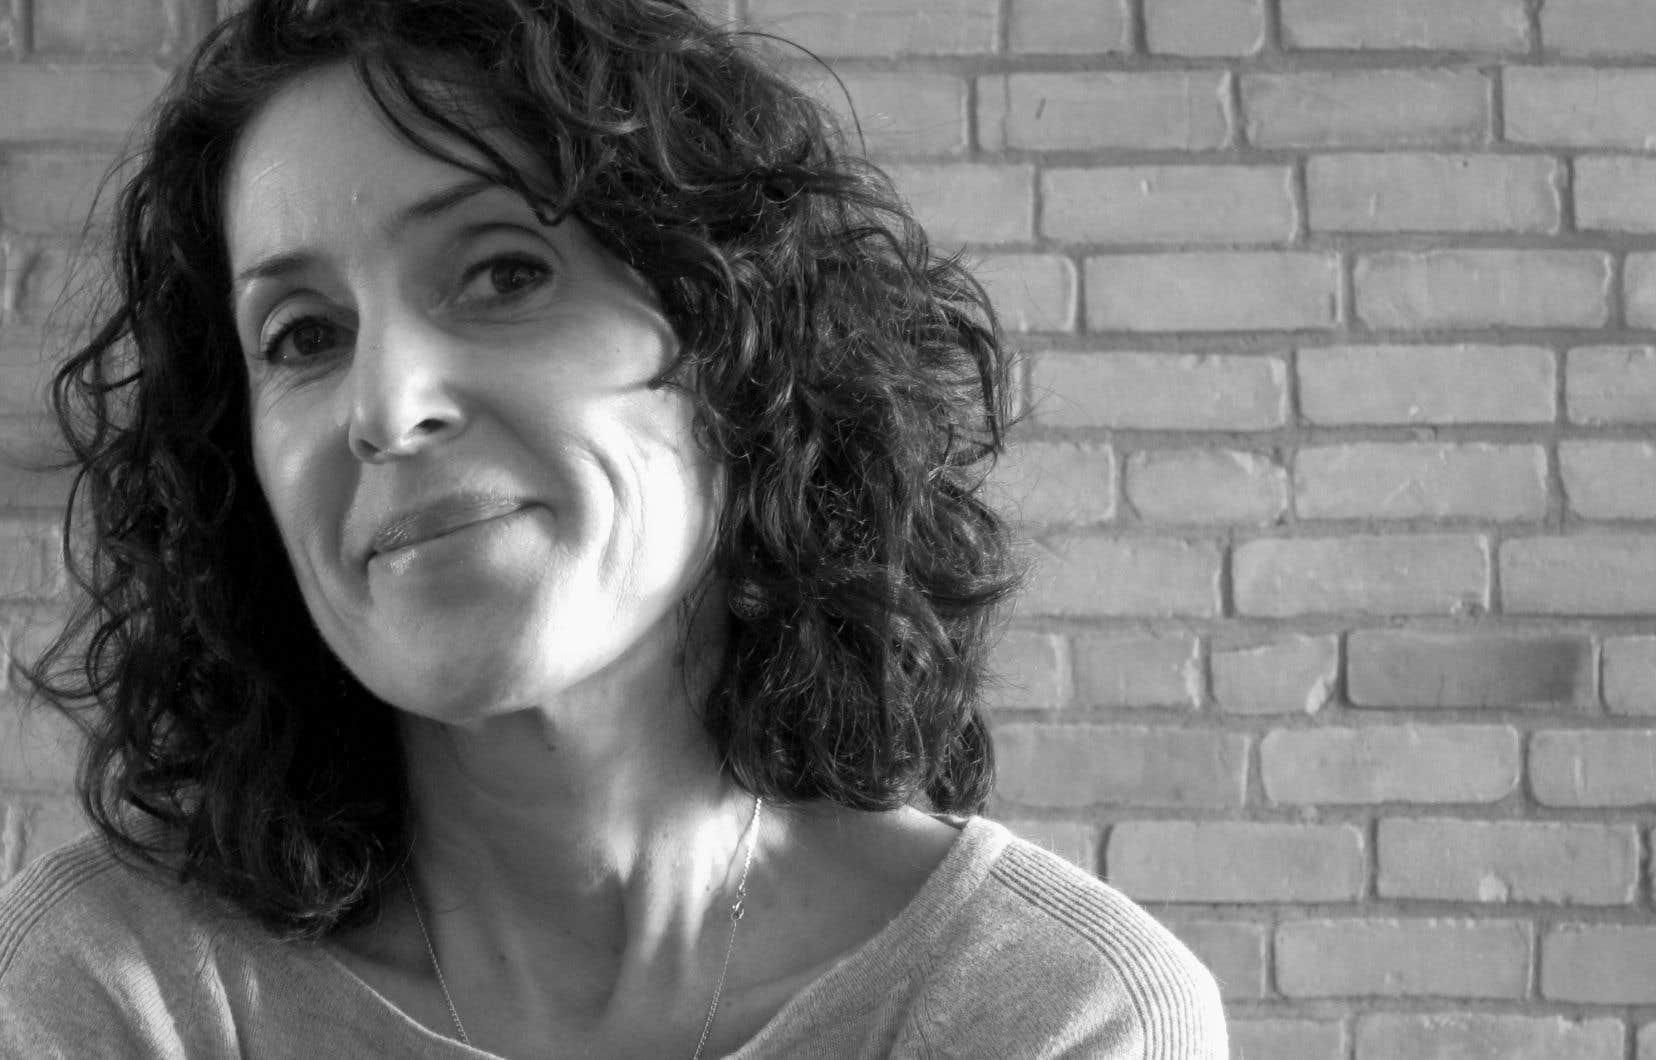 Le roman  doux-amer de Karine Légeron nous transporte là où l'humanité se révèle apte, malgré ses peurs et ses difficultés,  à sortir  des schémas qui l'ont formée.